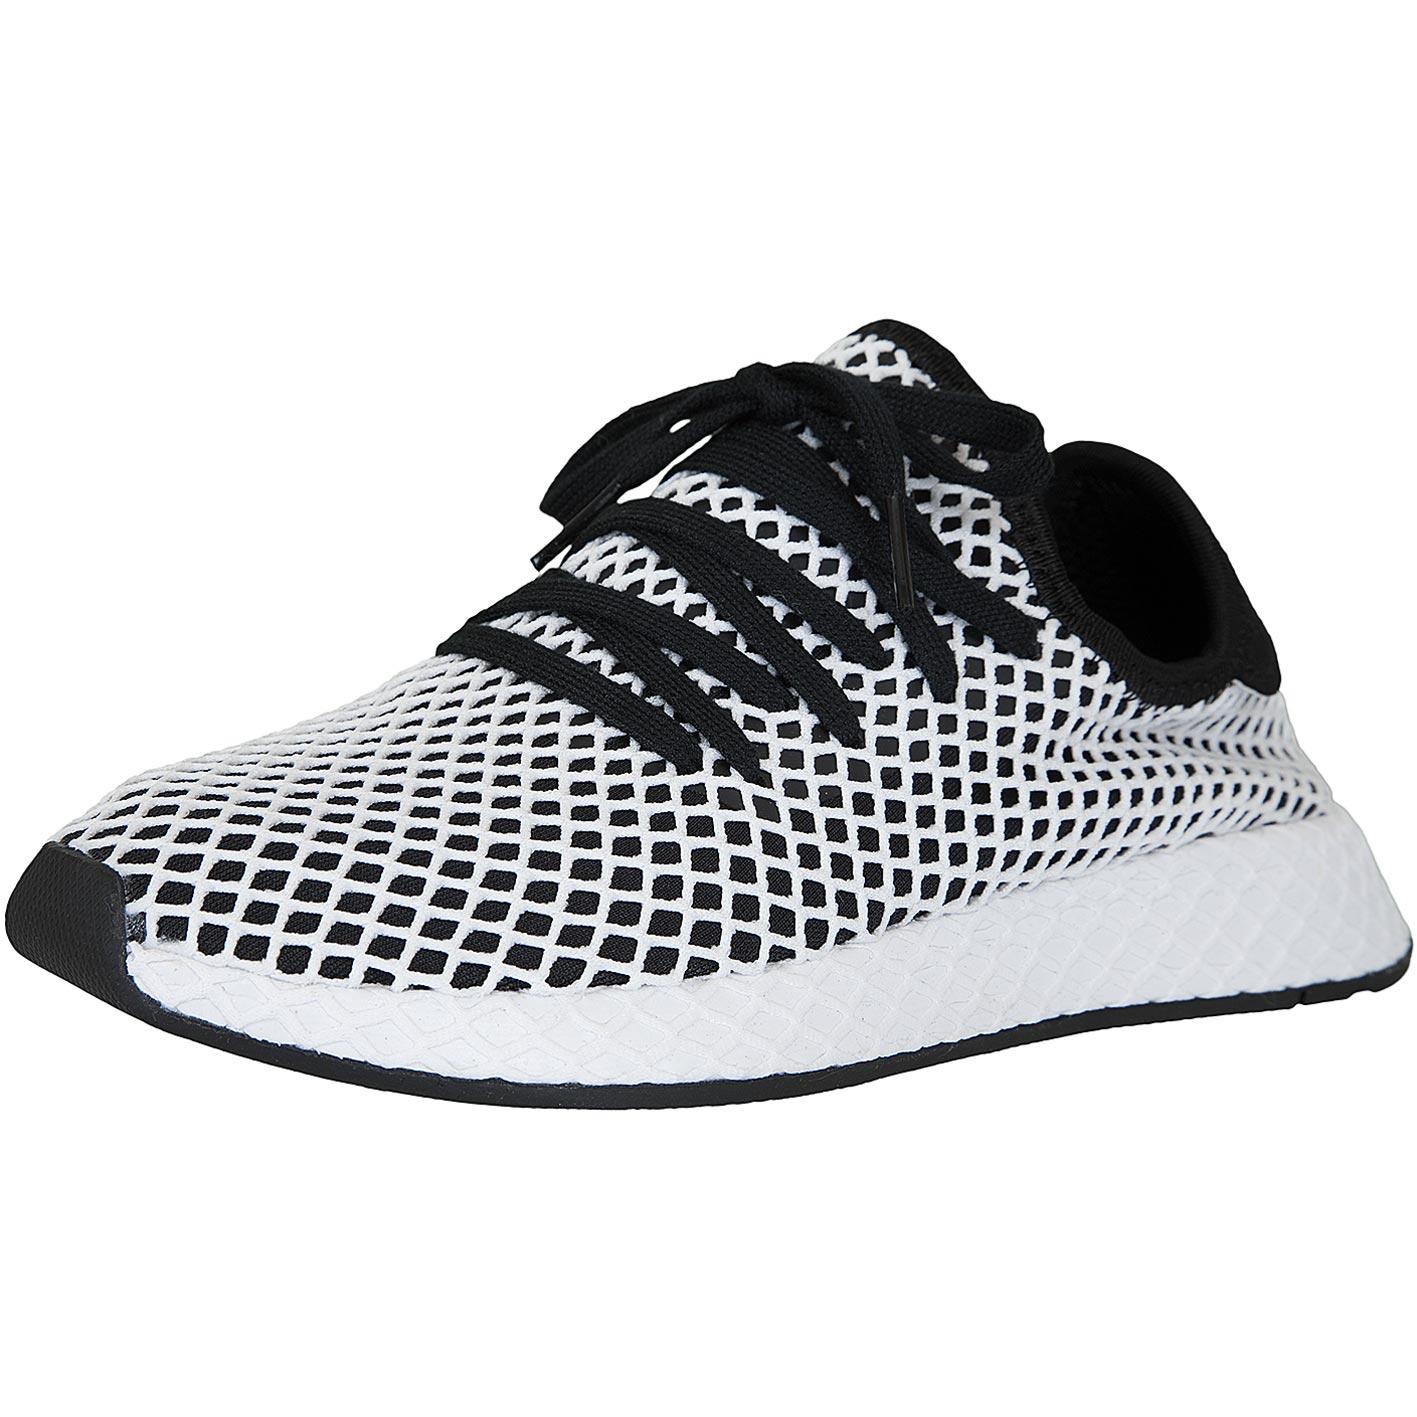 9ca7e6a47b4c5 ☆ Adidas Originals Sneaker Deerupt Runner schwarz weiß - hier ...